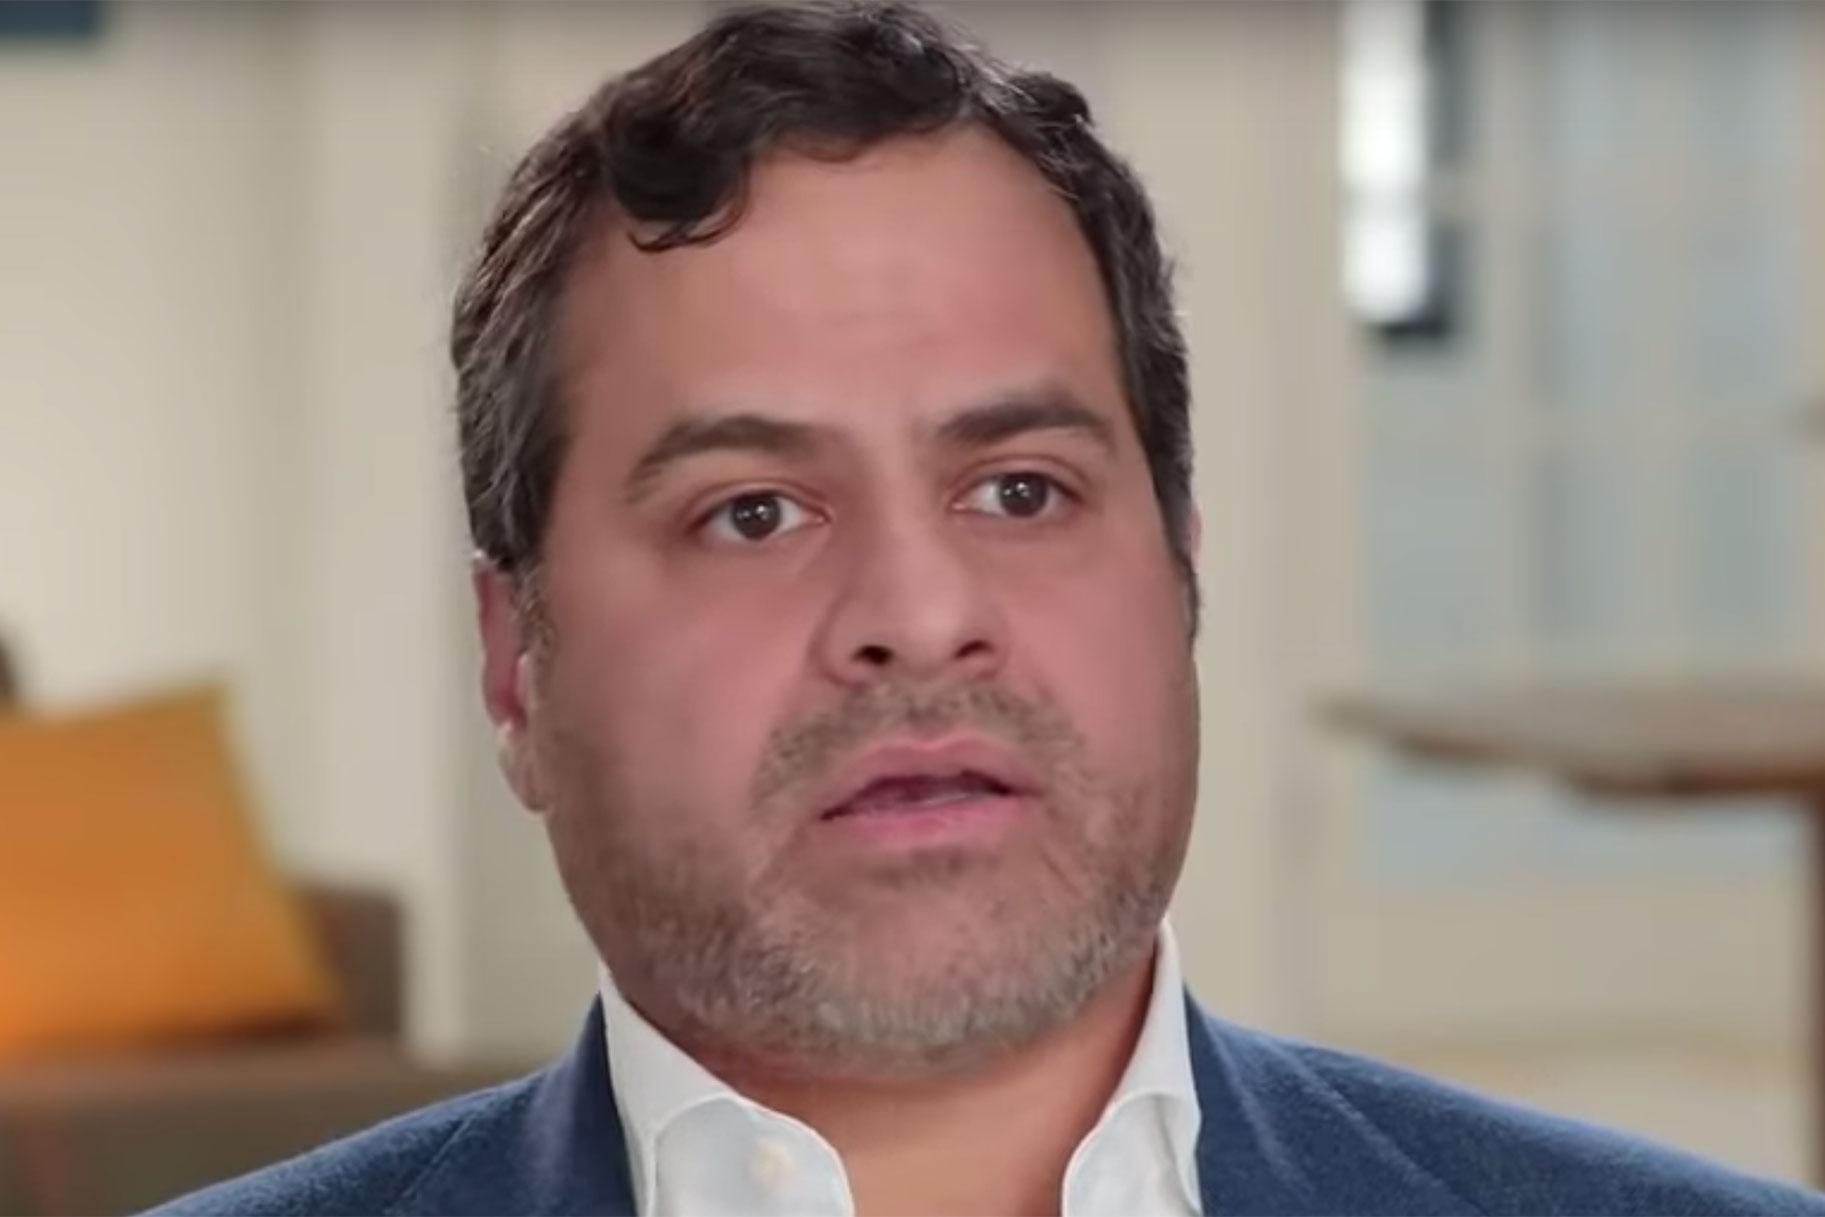 Pettunud doktor, kes inspireeris 'Hustleri' süžeed, räägib sellest